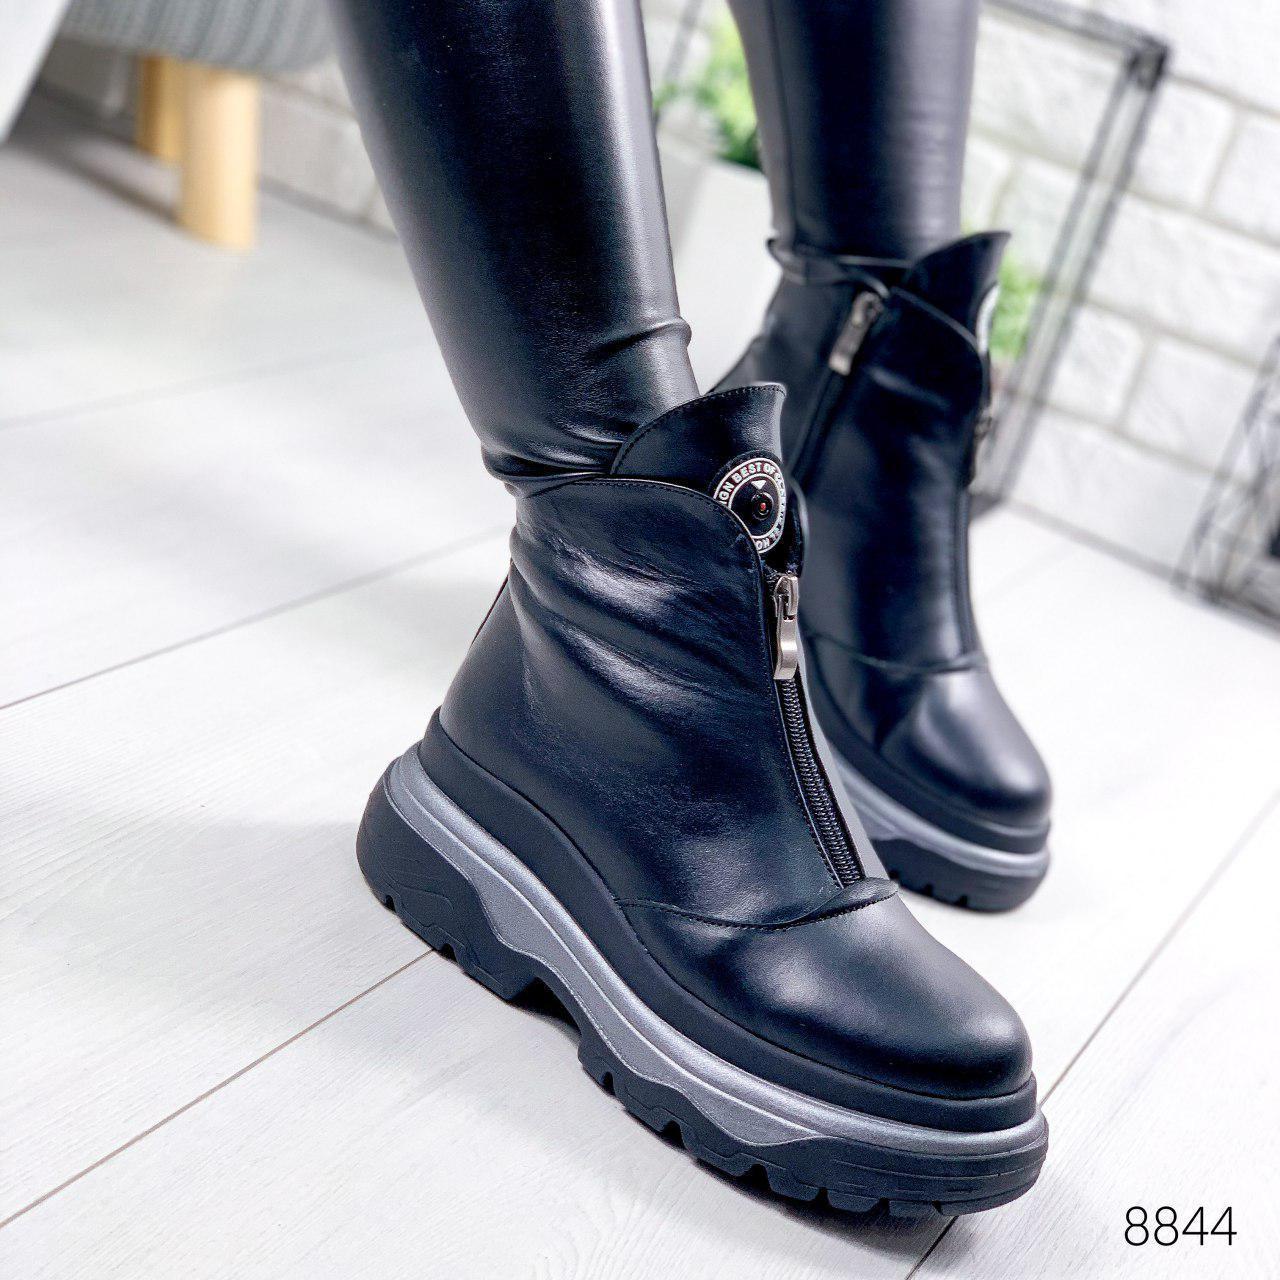 """Ботинки женские зимние, черного цвета из натуральной кожи """"8844"""". Черевики жіночі. Ботинки теплые"""